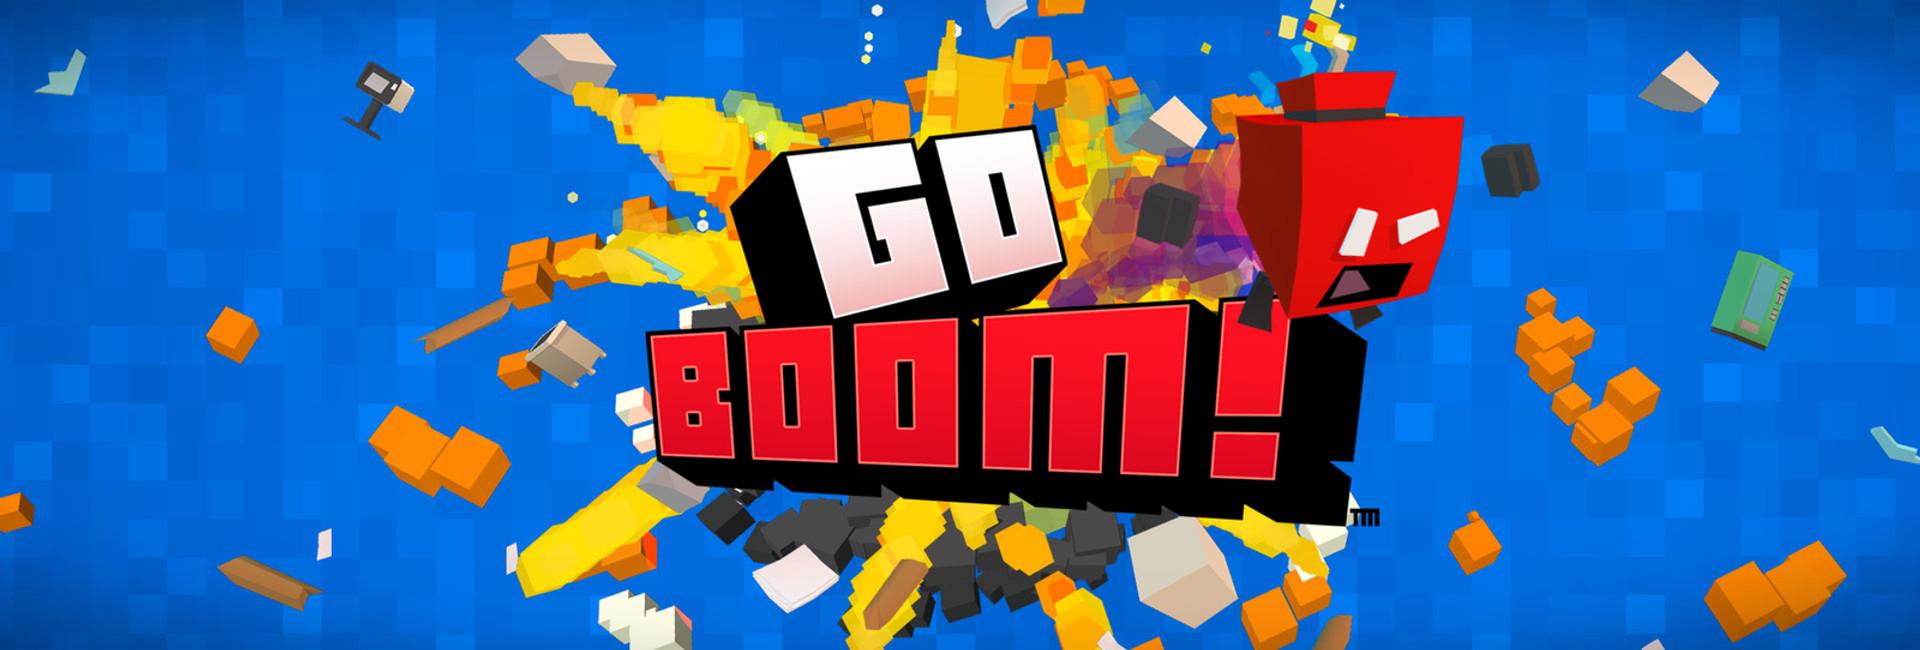 GameHeader_GoBoom.jpg